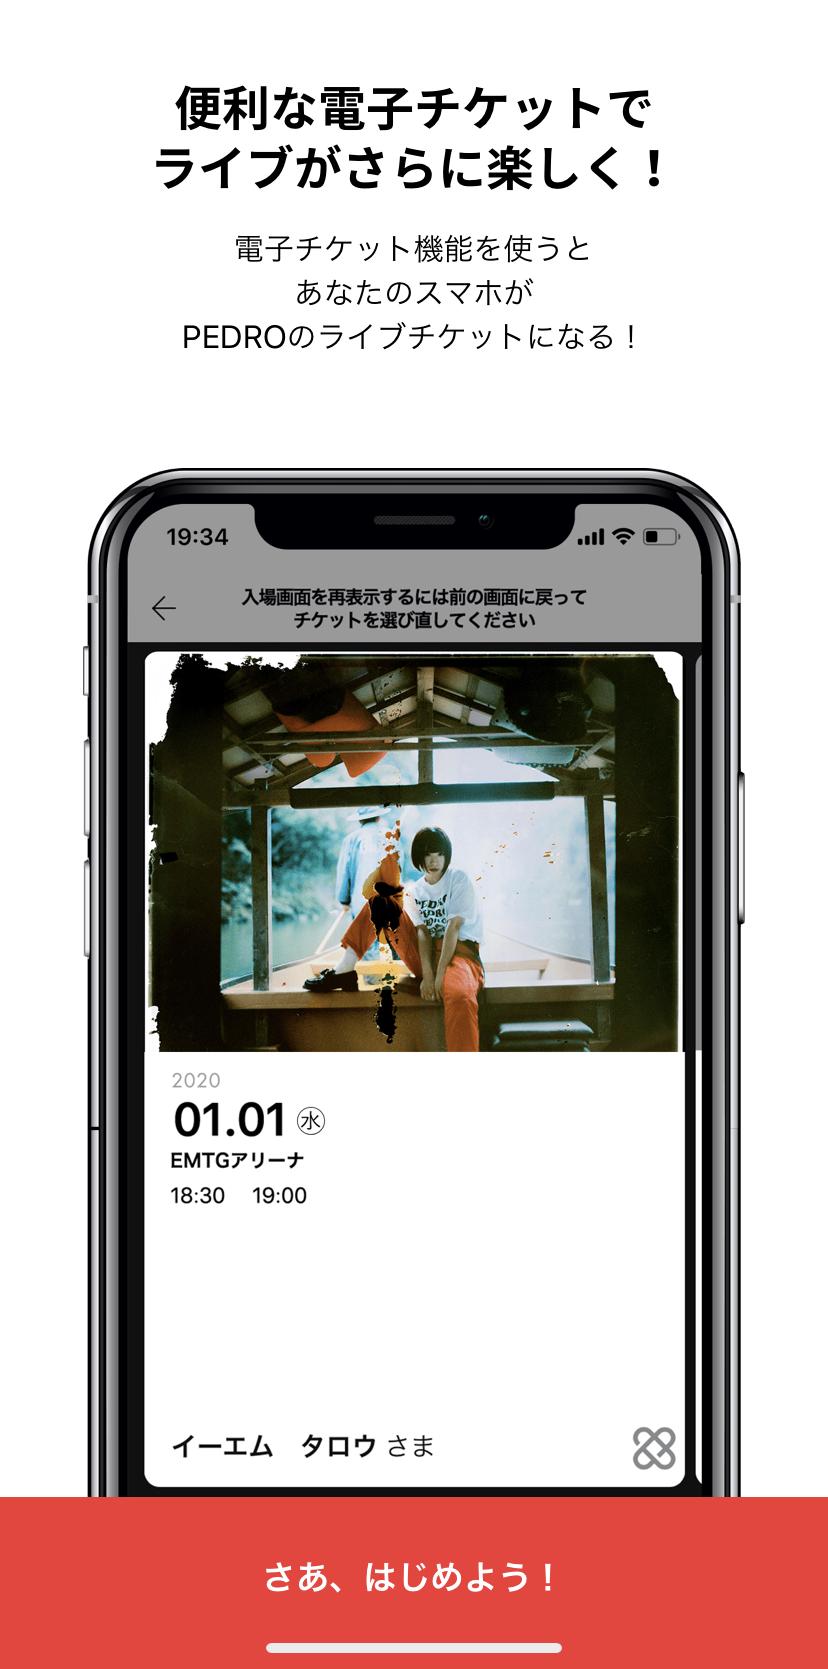 PEDRO公式アプリ